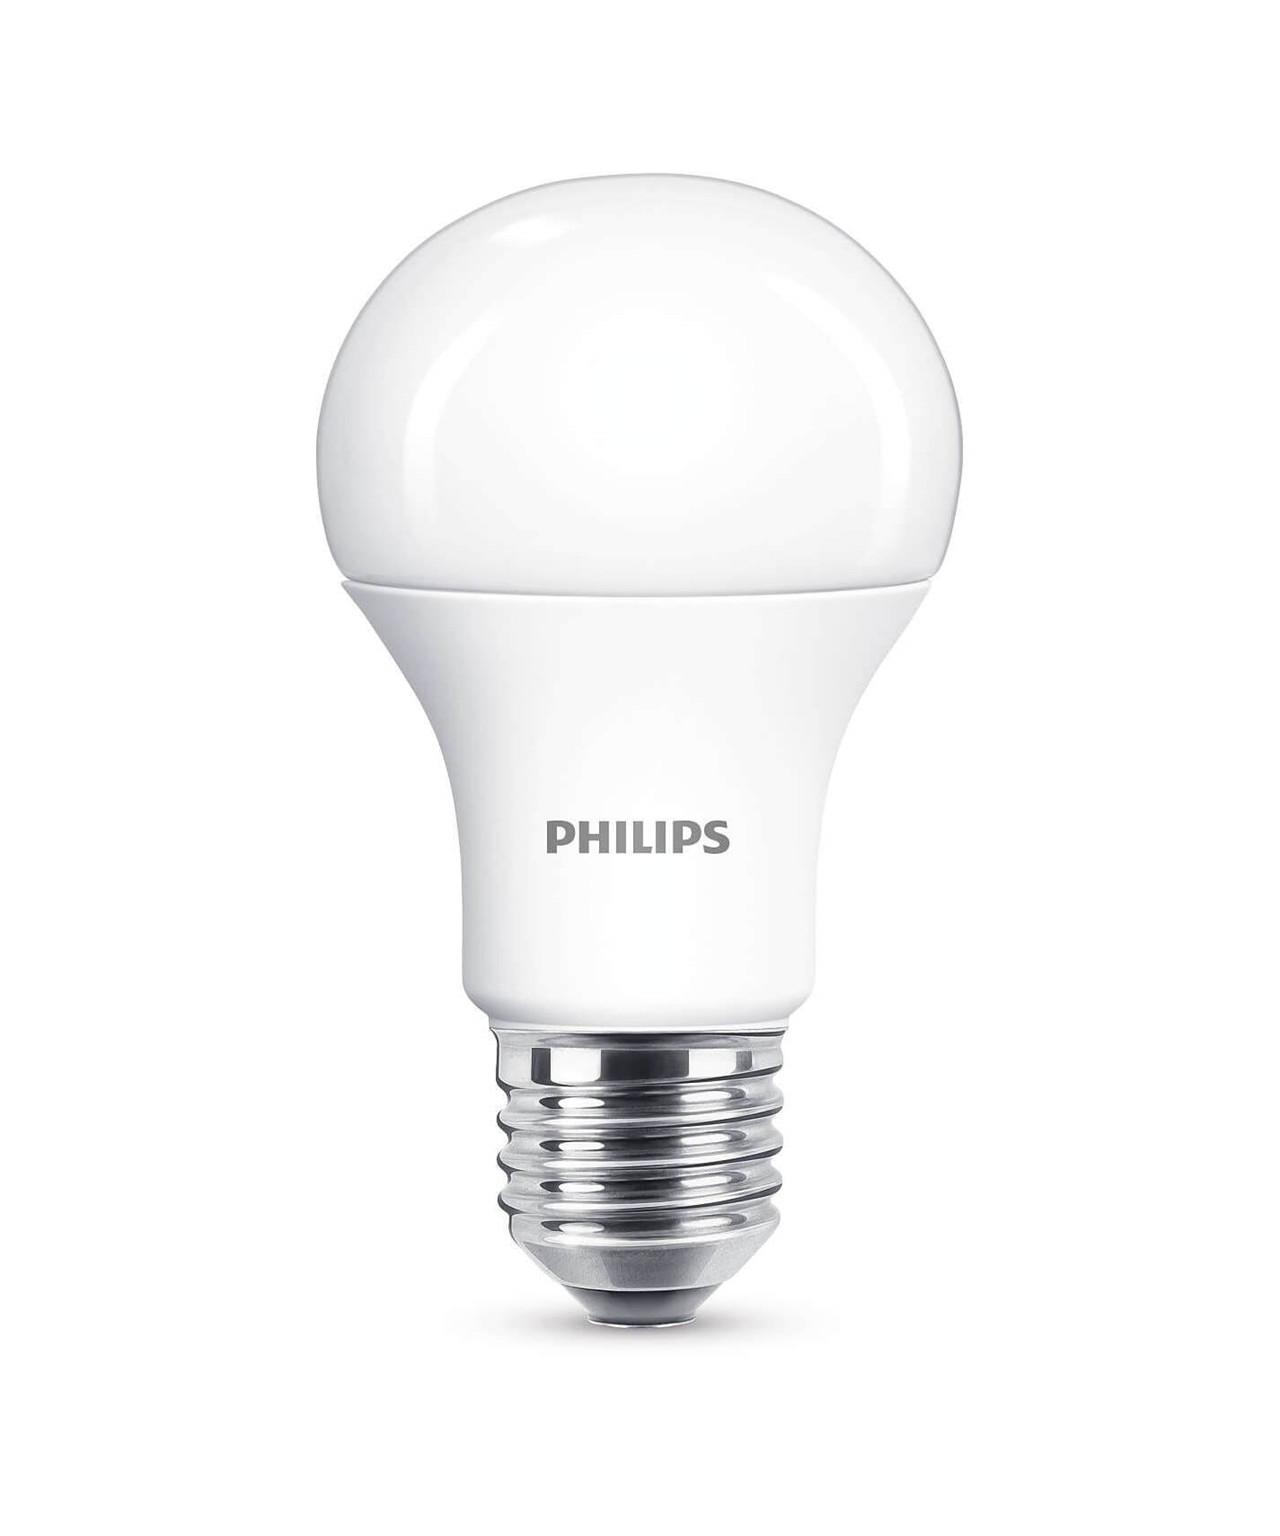 Producent PhilipsKoncept LED Spare Pære.  Den har 1055lm, hvilket svarer til ca. 75-100W. Den har et varmt lys med 2700 kelvin og en RA værdi på 80, hvilket betyder at den gengiver farverne i rummet optimalt.  Hvis du har det lidt svært med det, med pærer, kommer der her en lille kort forklaring om de vigtigste ting, du skal være opmærksom på.  I dag bliver lysstyrken målt på lumen i stedet for watt. Du kan nogenlunde gå ud fra nedenstående.  15W = 140 lumen  25W = 250 lumen  40W = 470 lumen  60W = 800 lumen  75W = 1050 lumen  100W = 1520 lumen Derudover kan man også se på en pære, at der er oplyst en RA eller CRI værdi. Det er lysets evne til at gengive farver og det vurderes på en skala fra 0-100 RA.  100 RA giver den bedste farvegengivelse og det er det, man får fra dagslys.  Til et almindeligt hjem, skal man vælge pærer med en RA værdi på mere end 80.  Der vil også være oplyst en kelvingrad. Dette er lysets farve. En pære med en kelvingrad på 2.700 - 3.000 har et varmt lys.  4.000-